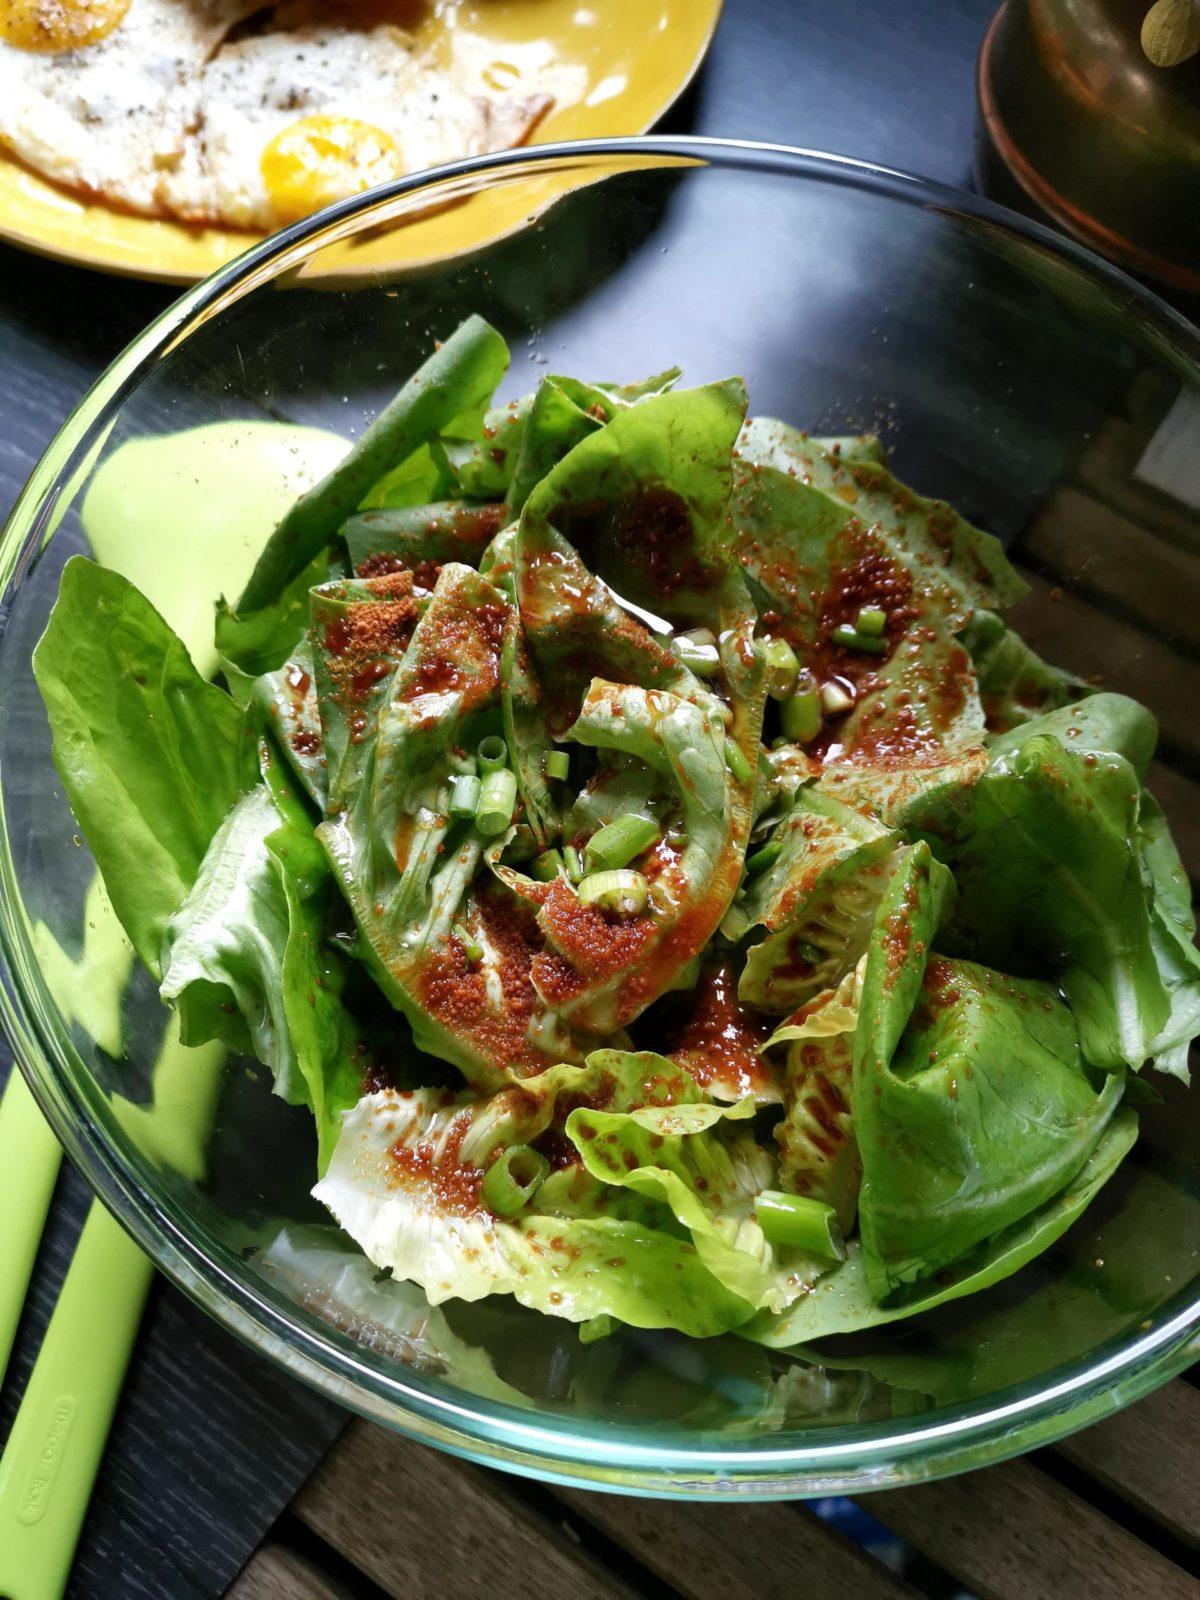 grüner Salat mit Zitrone und Kokosblütenzucker